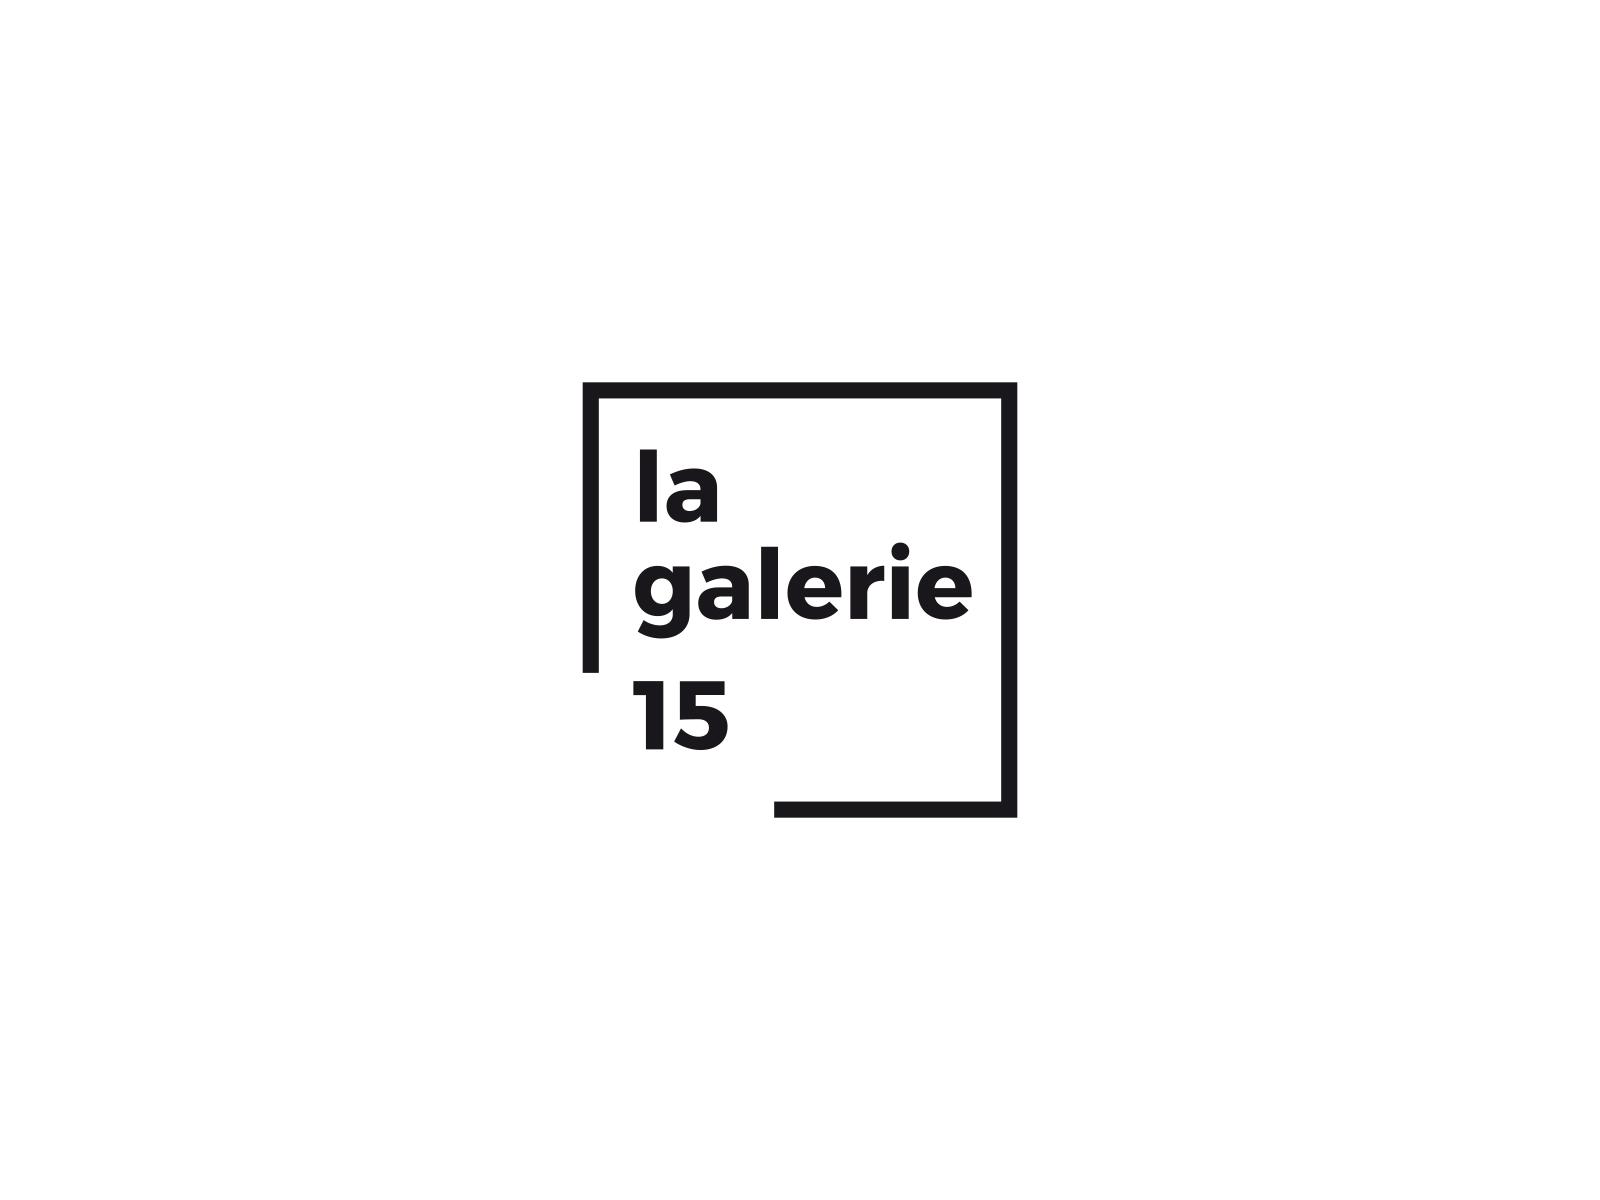 Creation de logo galerie d'art